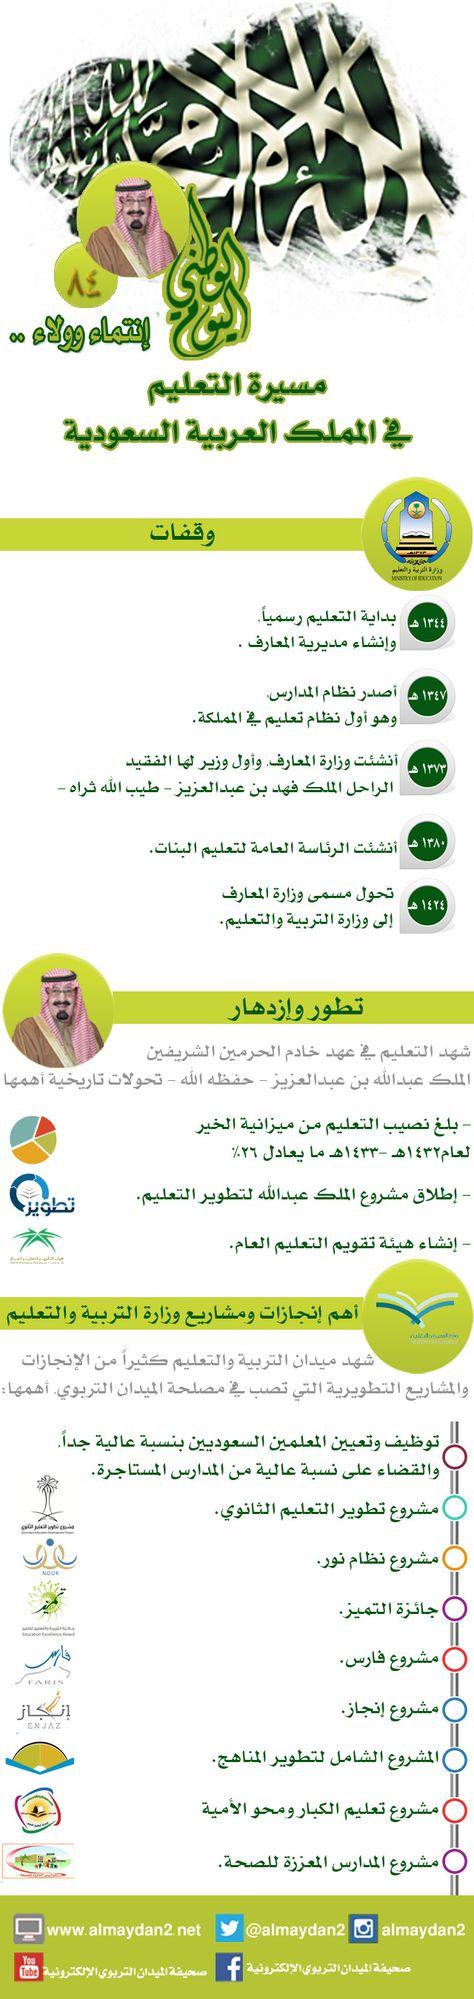 انفوجرافيك مسيرة التعليم في المملكة العربية السعودية بمناسبة اليوم الوطني انفوجرافيك إنفوجرافيك National Day Saudi Iphone Wallpaper Design